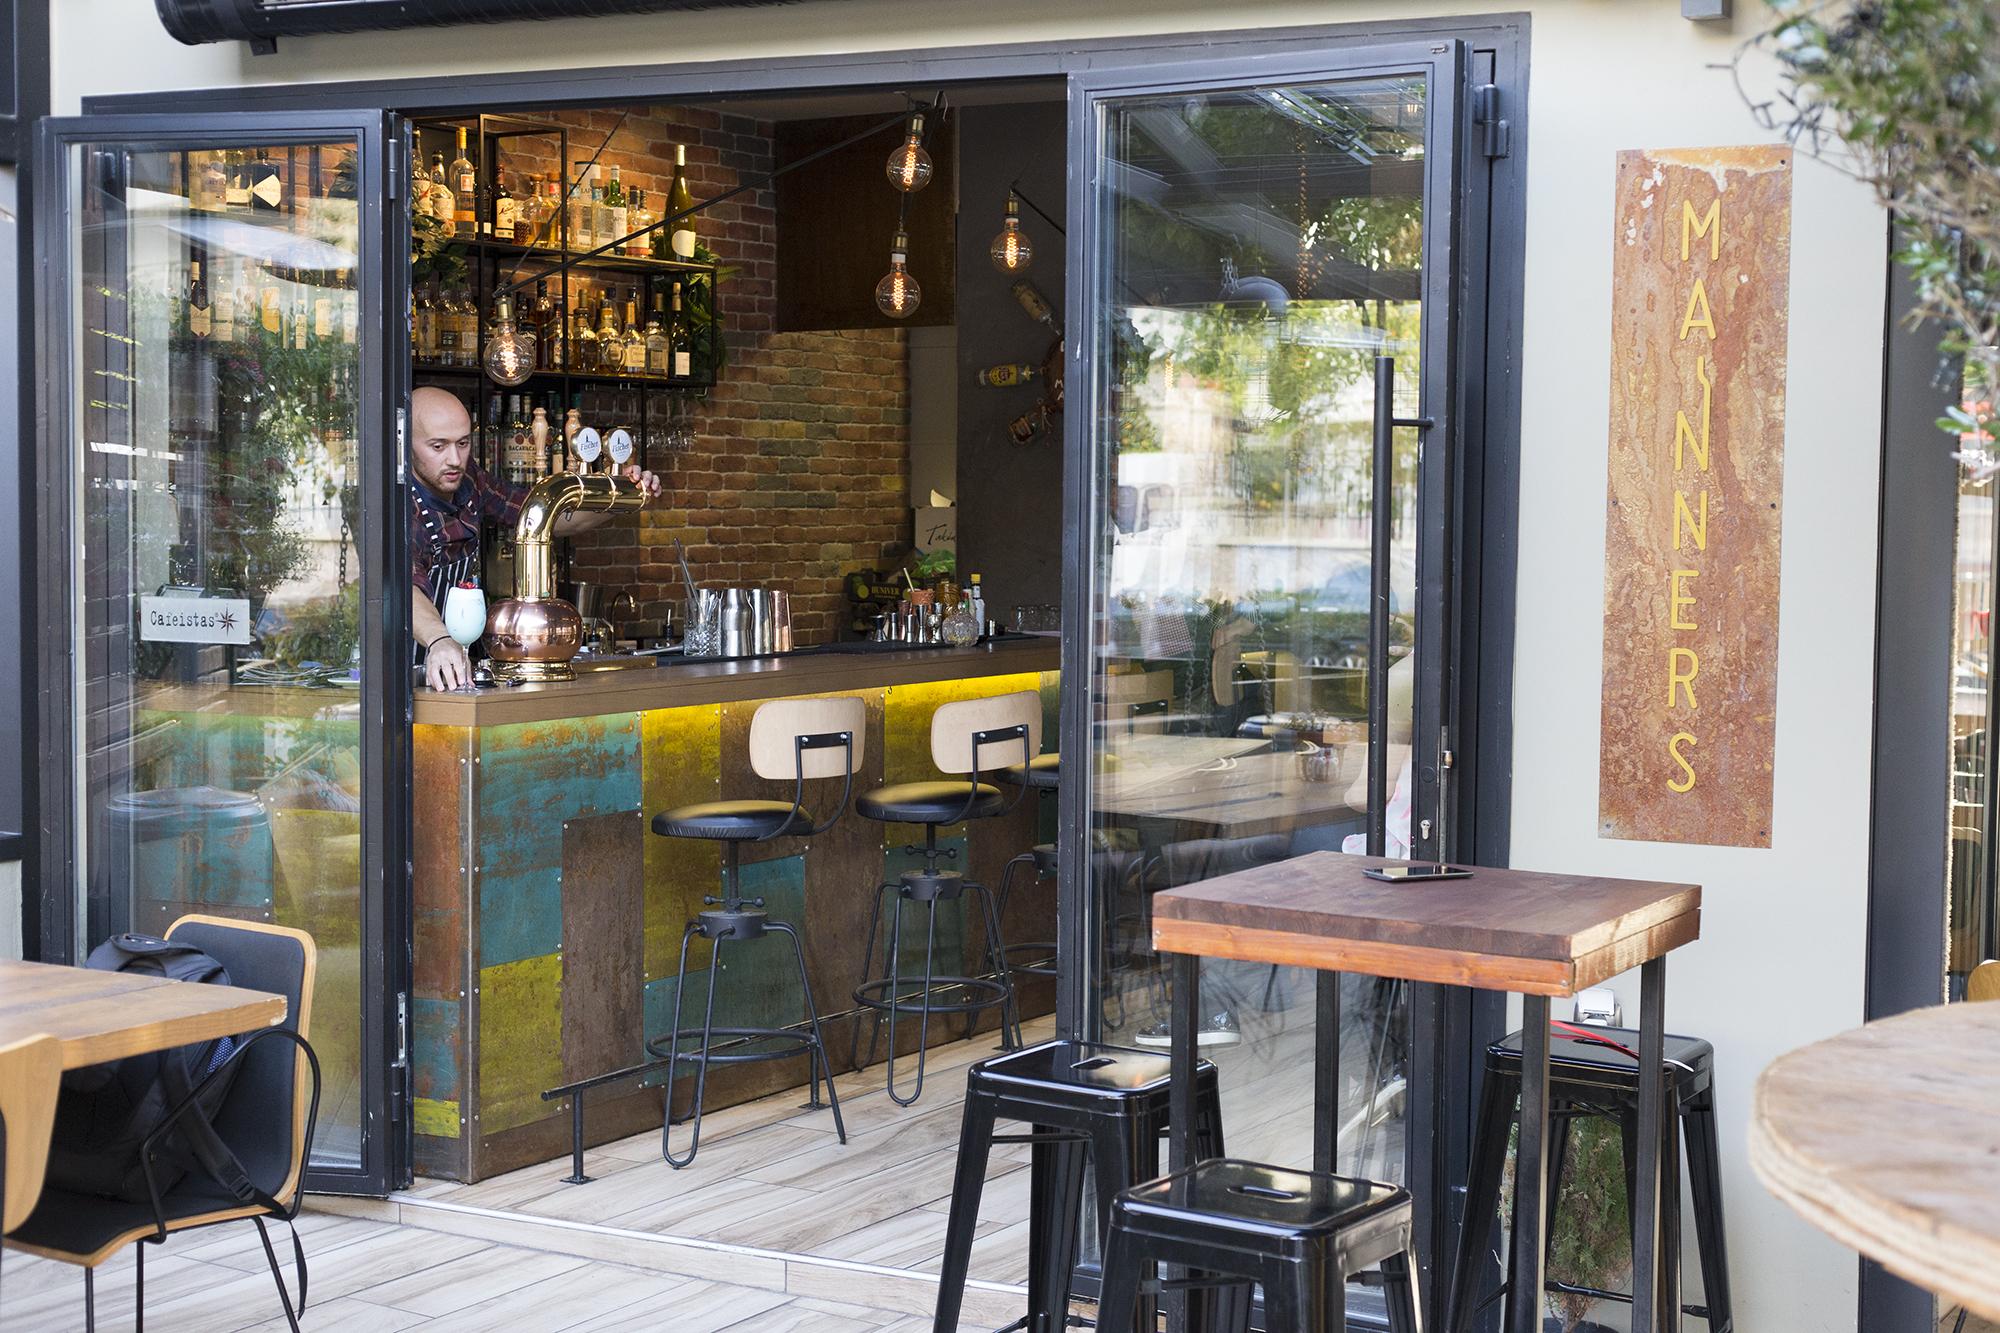 Manners: Tο all day cafe-bar που θα σε κάνει να επιστρέψεις ξανά και ξανά